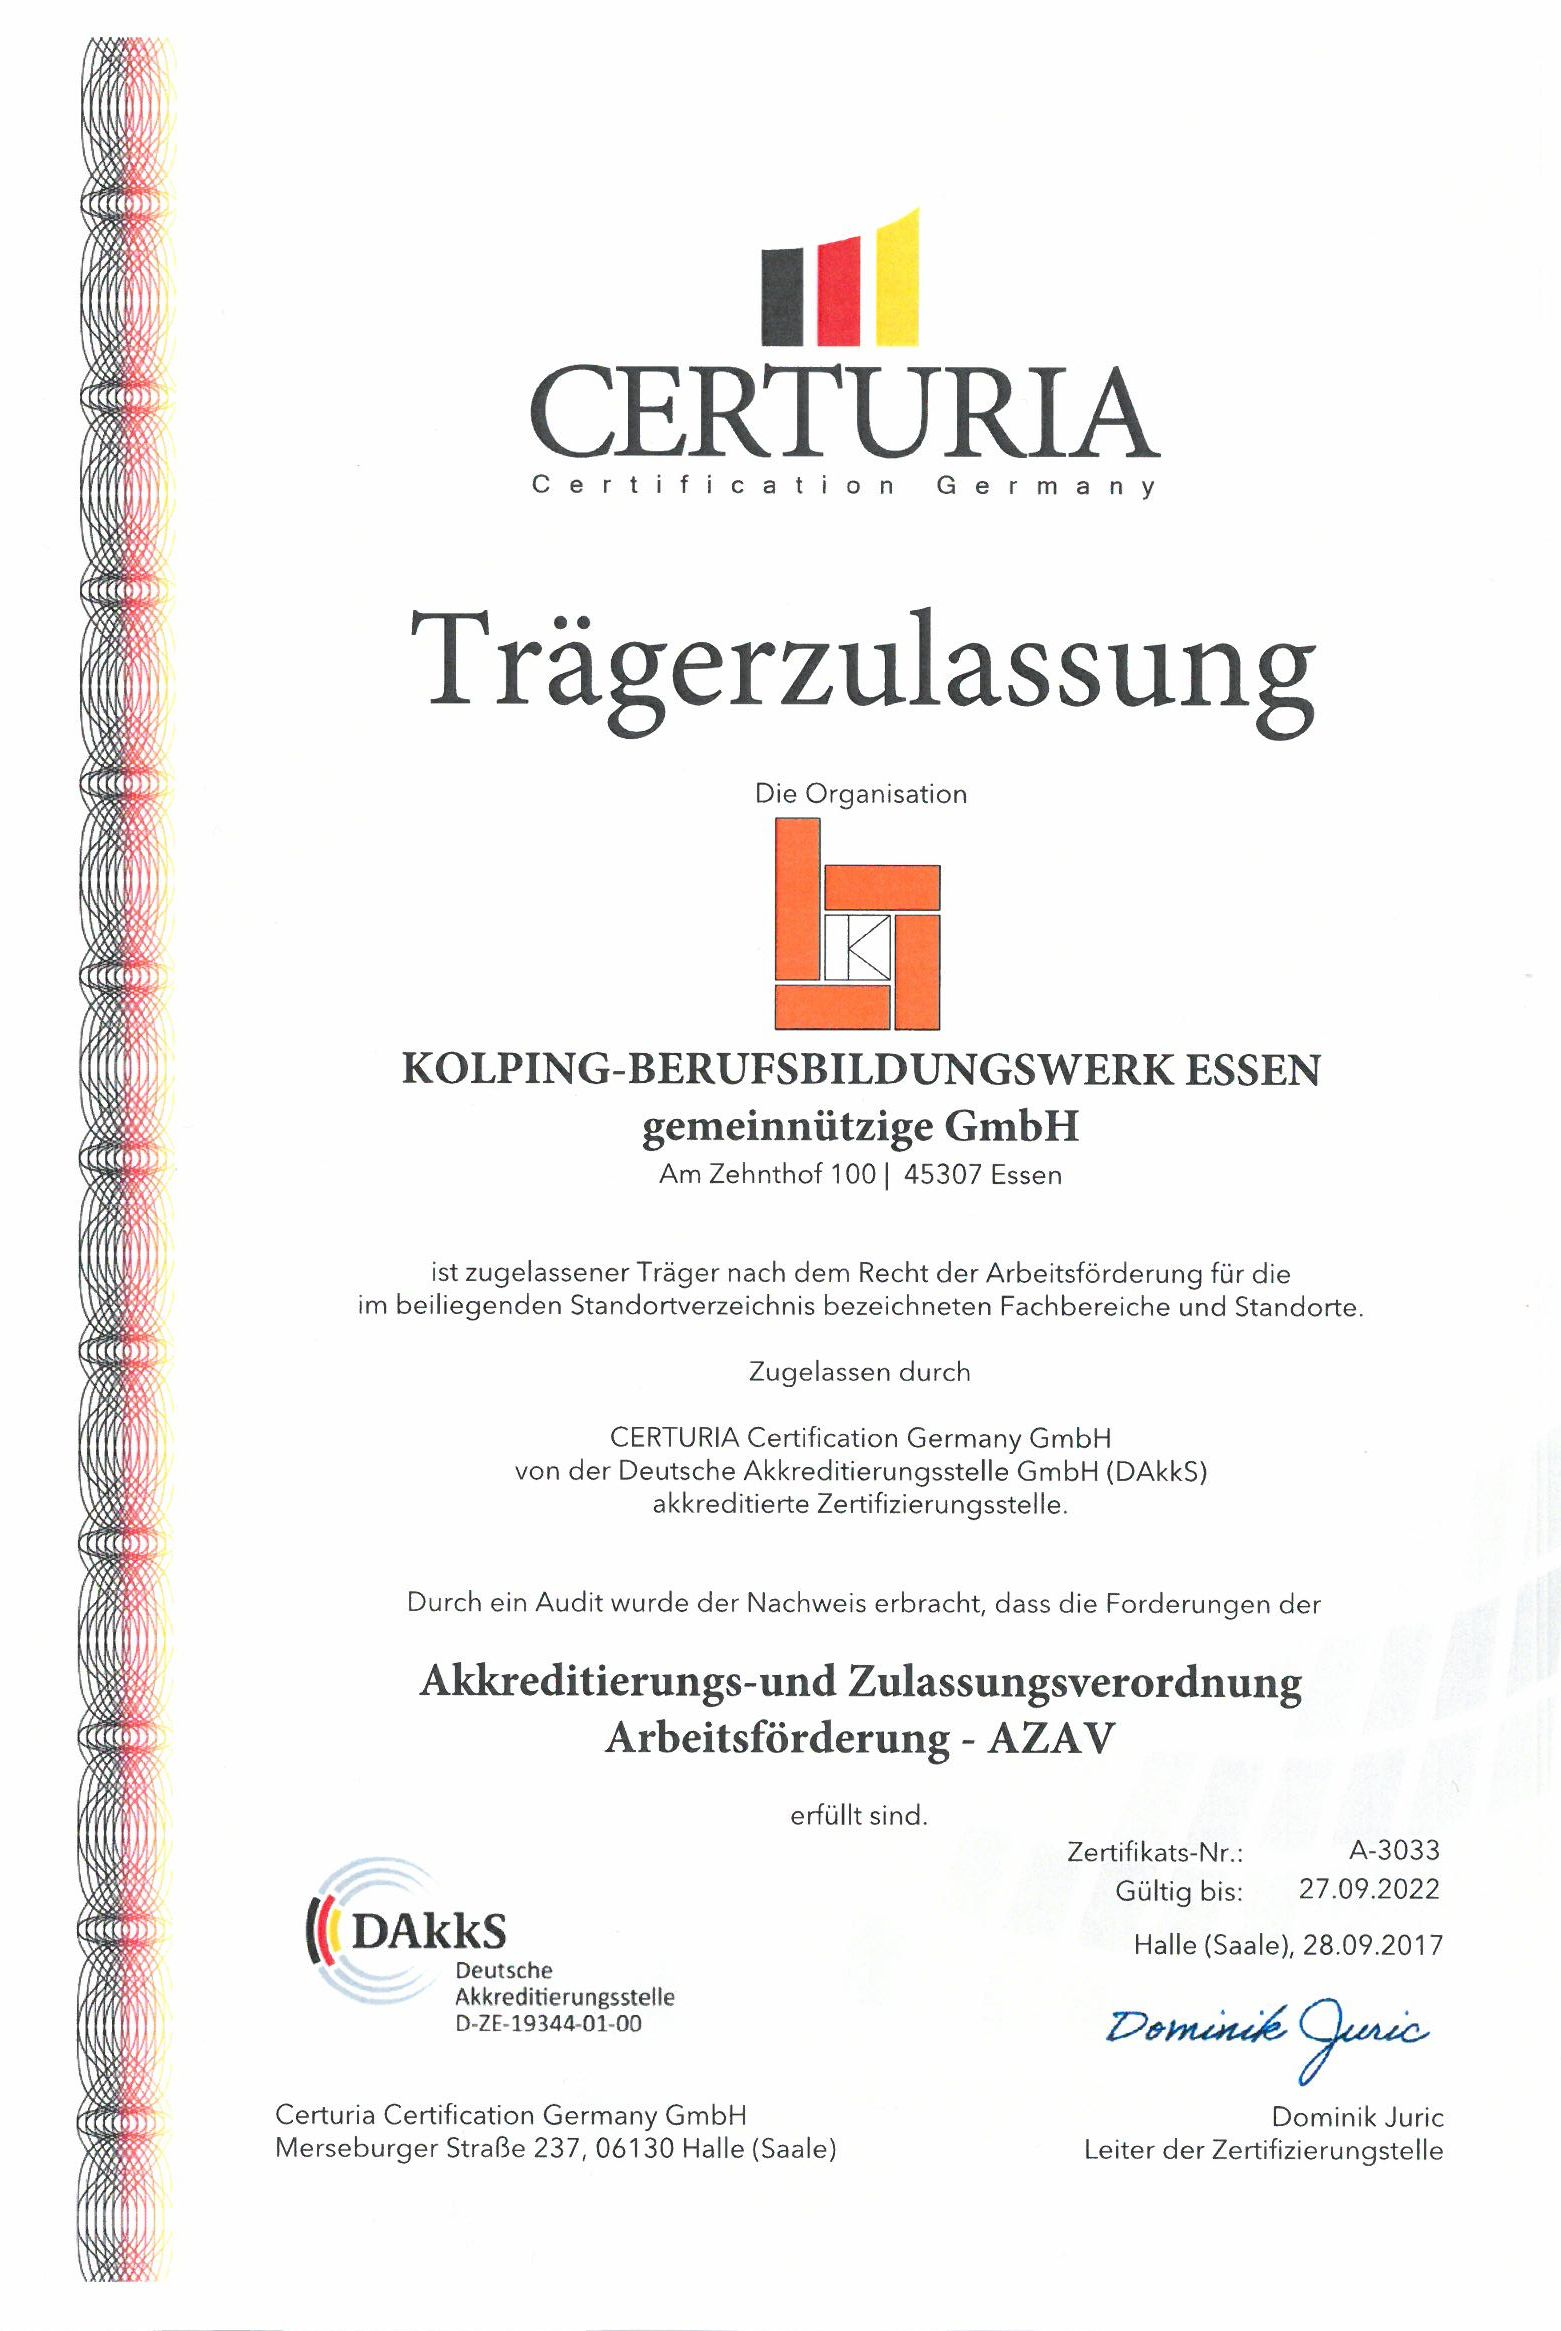 Das Kolping-Berufsbildungswerk Essen Ist Seit Dem 28.09.2017 Erneut Zertifiziert